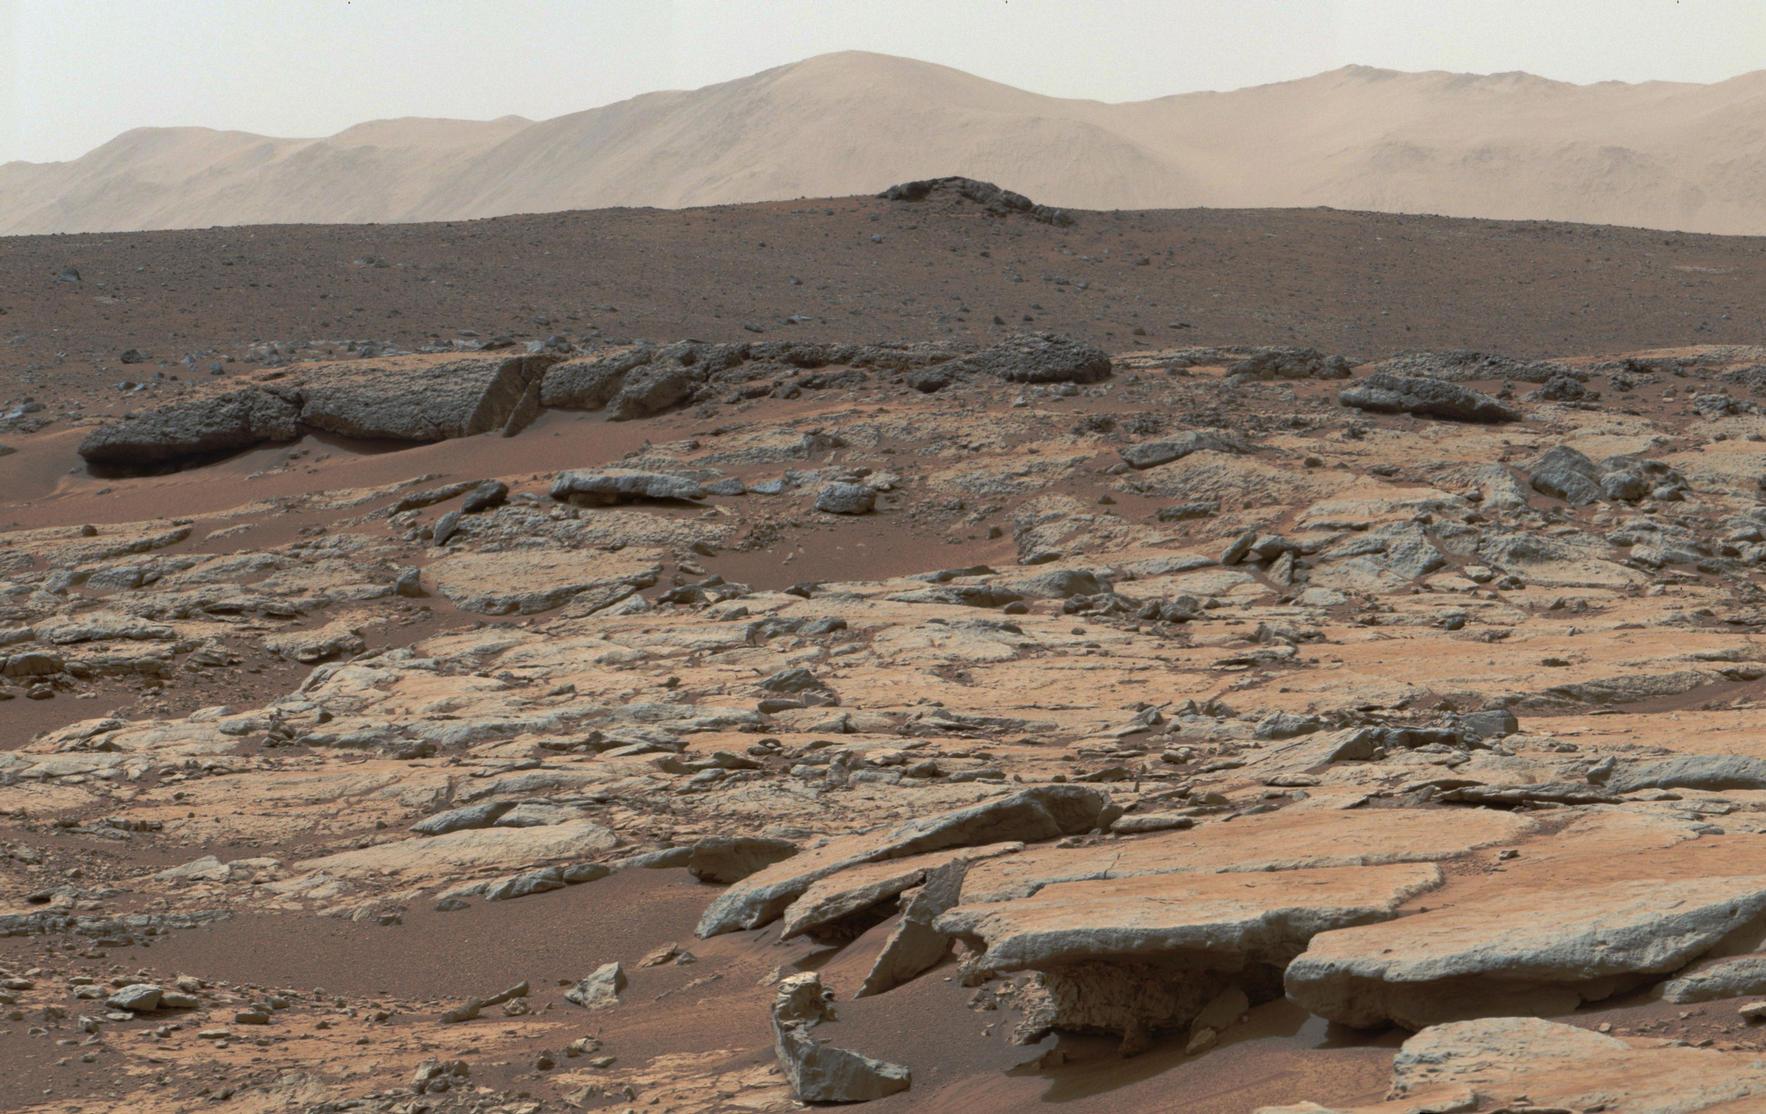 Krater Gale - zdjęcie wykonane przez łazik Curiosity